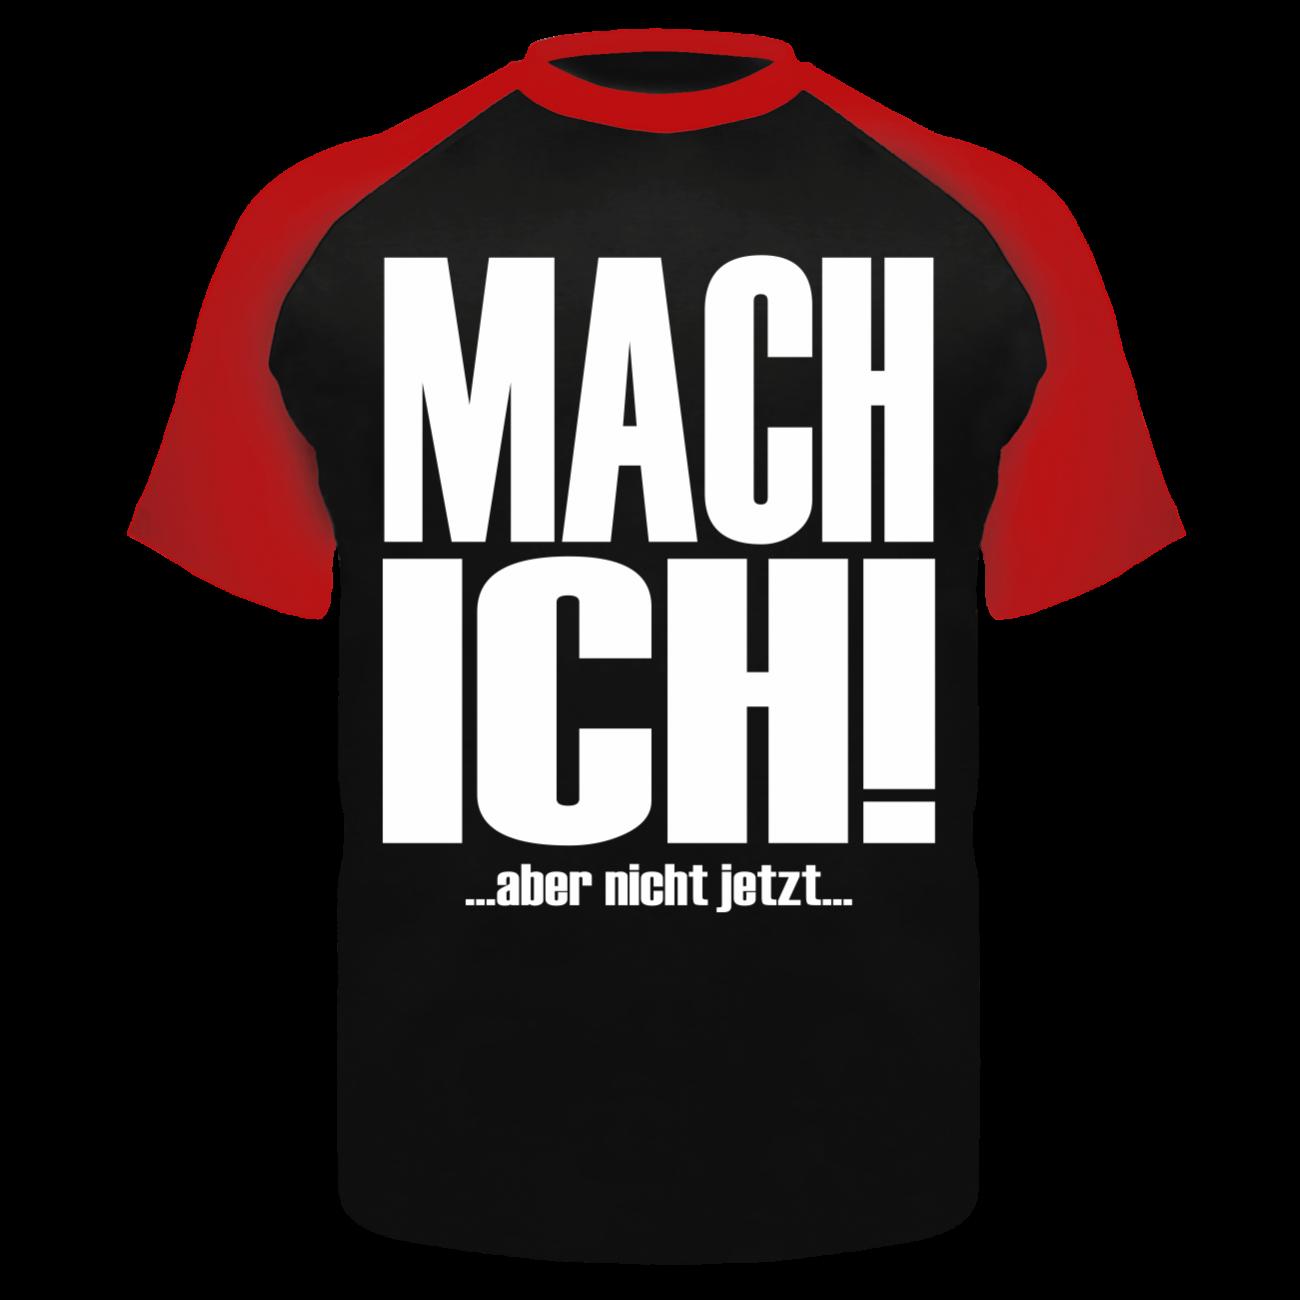 Full Size of Coole T Shirt Sprüche T Shirt Männer Wandtattoos Junggesellenabschied Wandsprüche Betten Bettwäsche Lustige Küche Coole T Shirt Sprüche